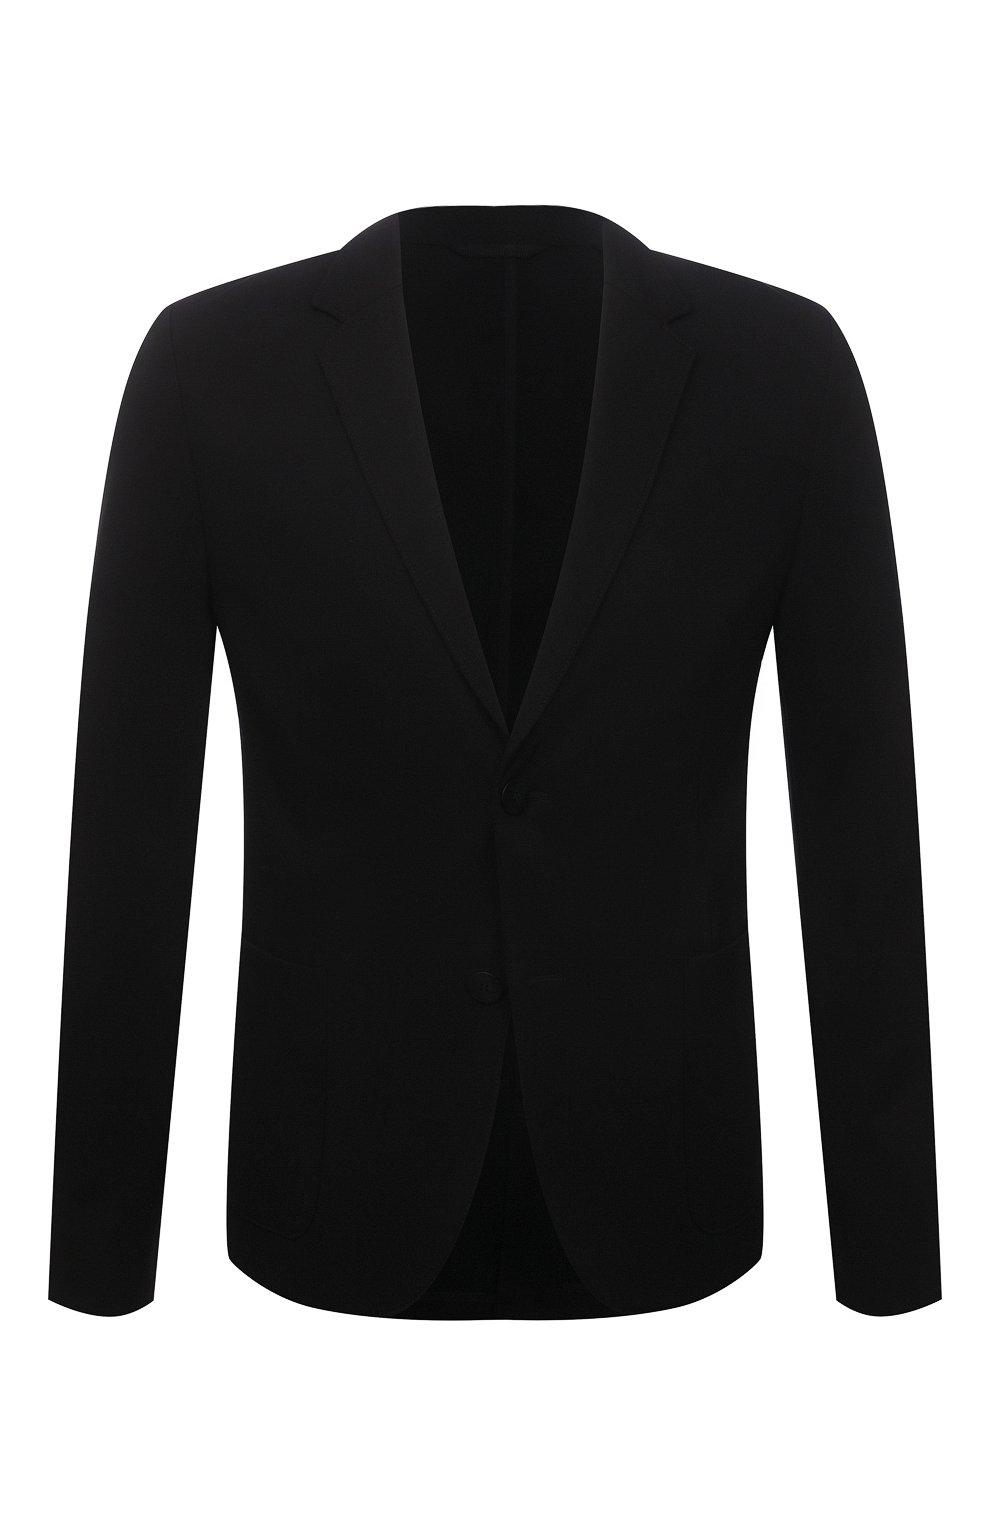 Мужской пиджак HUGO черного цвета, арт. 50454551   Фото 1 (Рукава: Длинные; Случай: Повседневный; Материал внешний: Синтетический материал, Вискоза; Длина (для топов): Стандартные; Пиджаки М: Прямой)